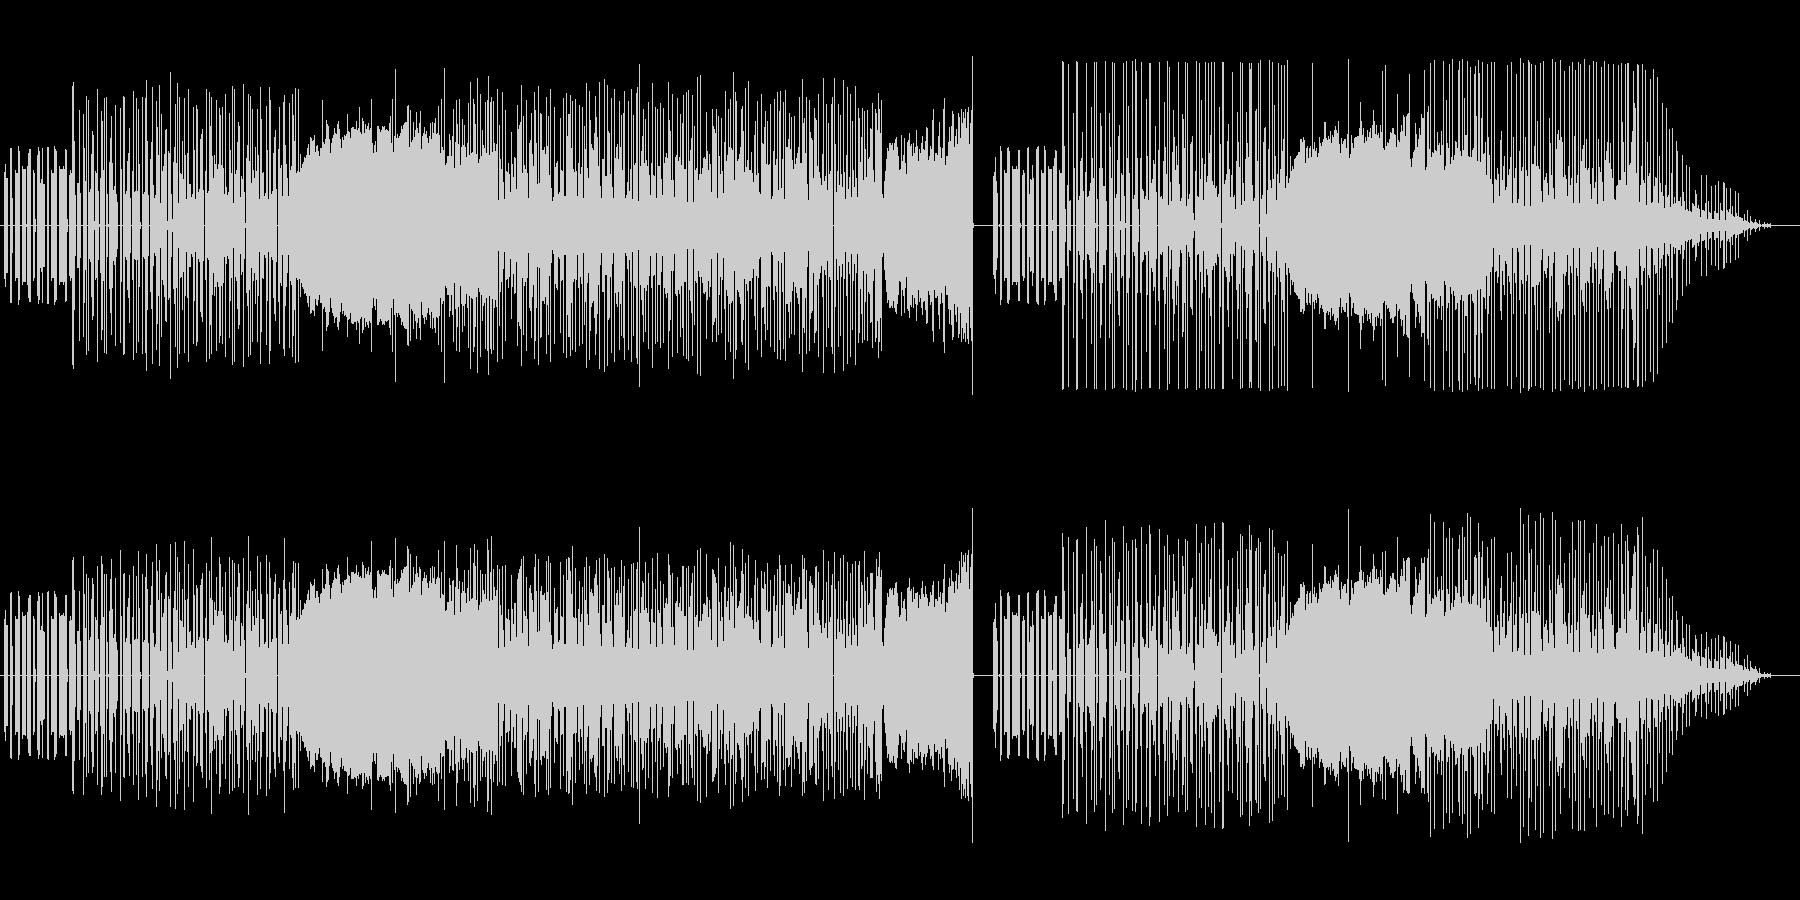 ファミリーコンピューターな音楽の未再生の波形